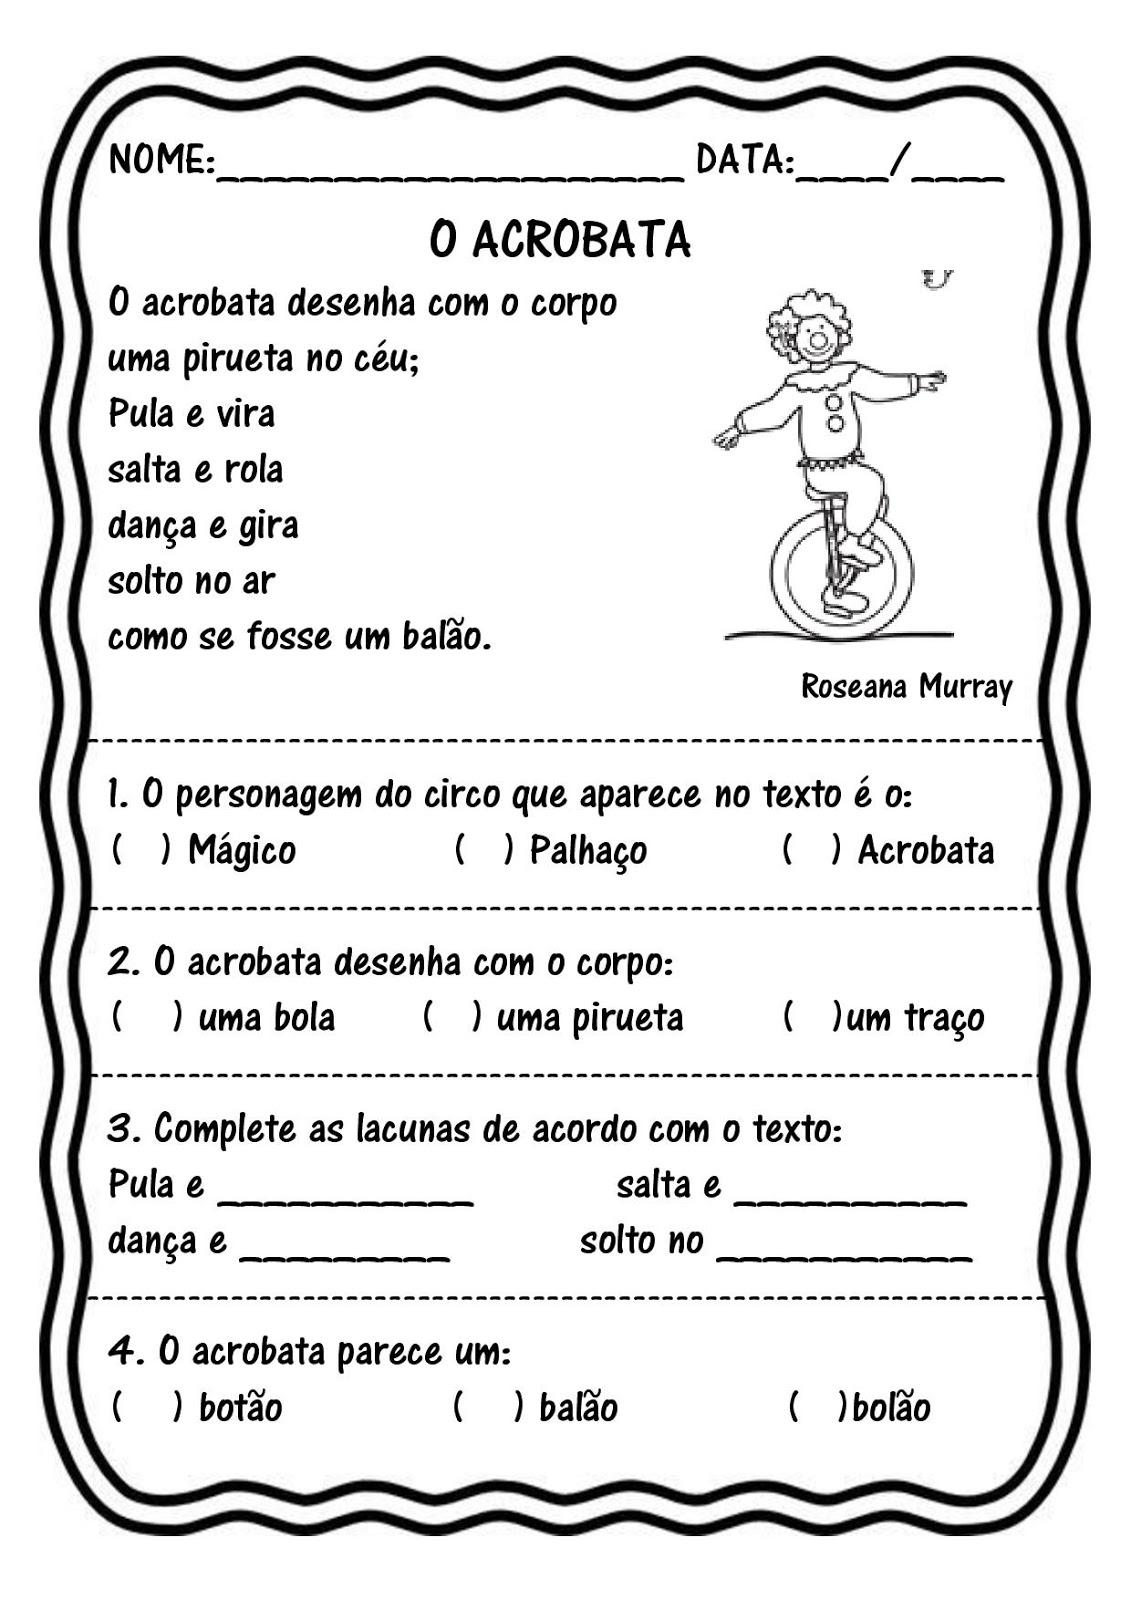 o%2Bacrobata-page-001 Leitura e interpretação 2º ano Dia do Circo